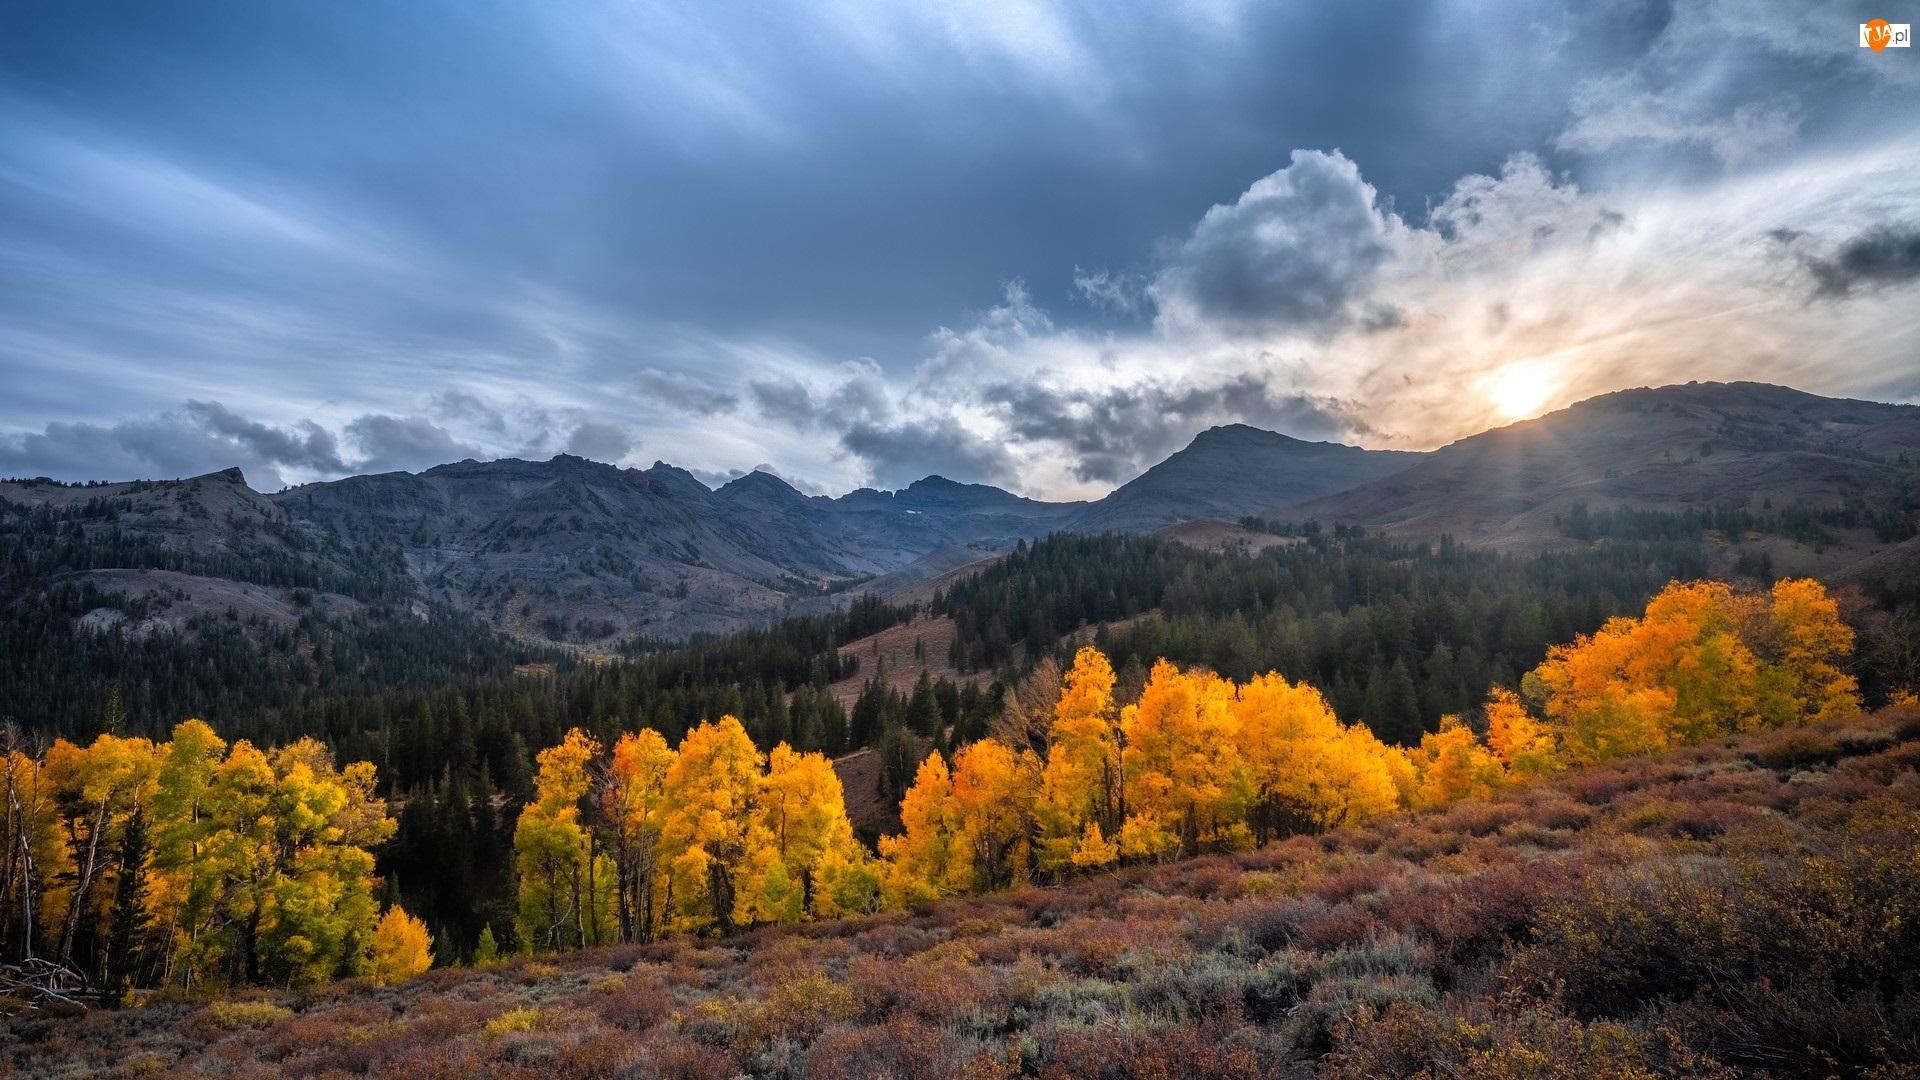 Sonora Pass, Góry, Eastern Sierra, Stany Zjednoczone, Kalifornia, Drzewa, Słońce, Jesień, Rośliny